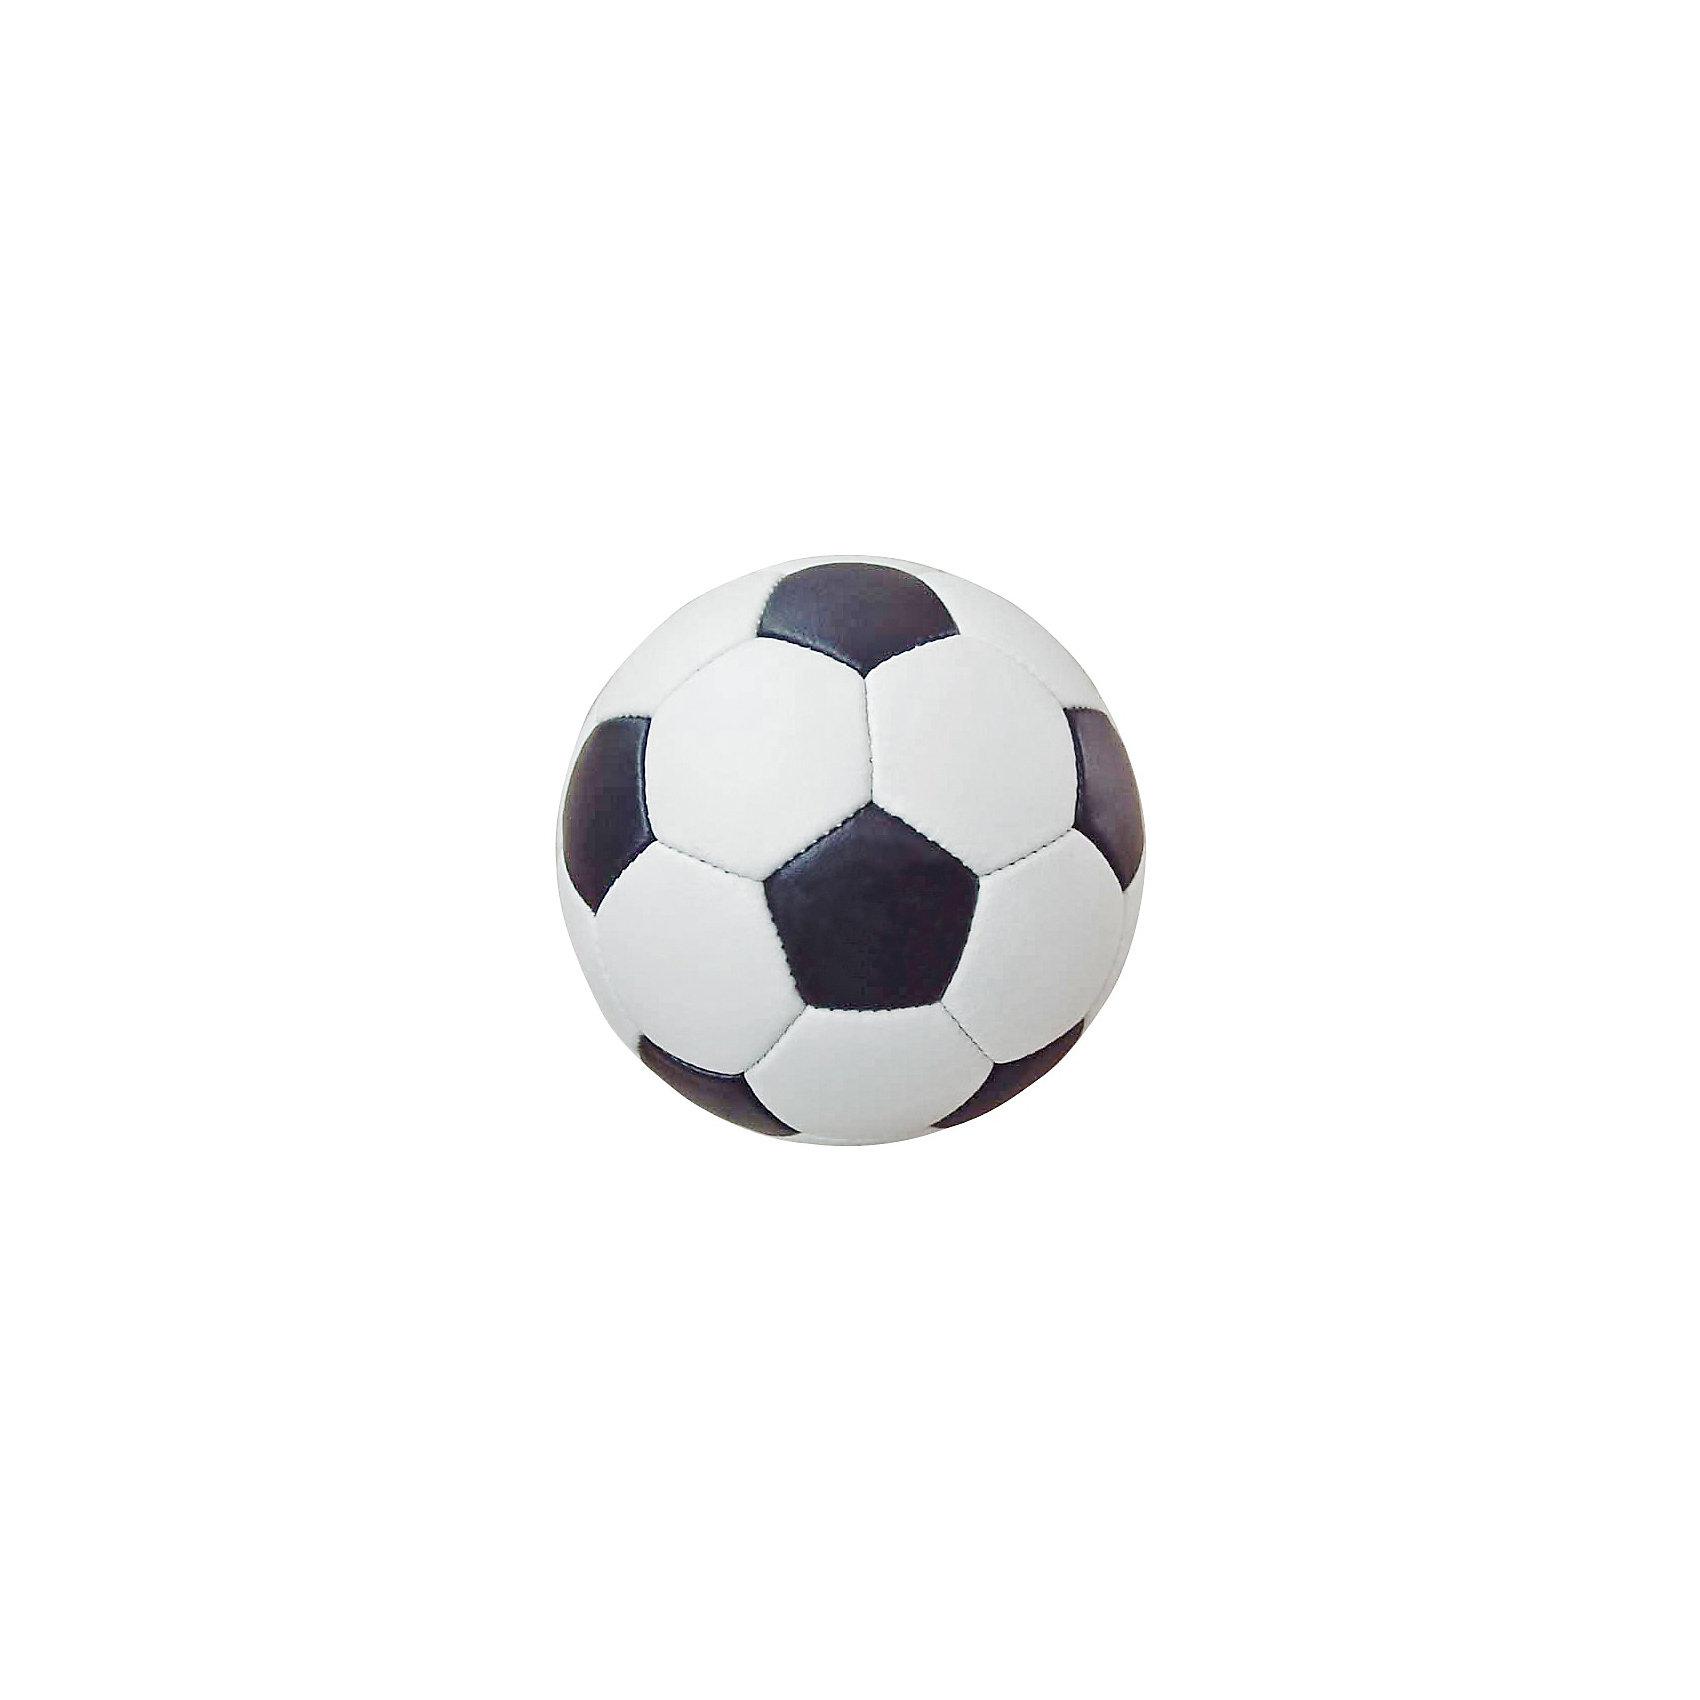 Ecos Мяч футбольный,  Ecos надувное кресло мяч футбольный